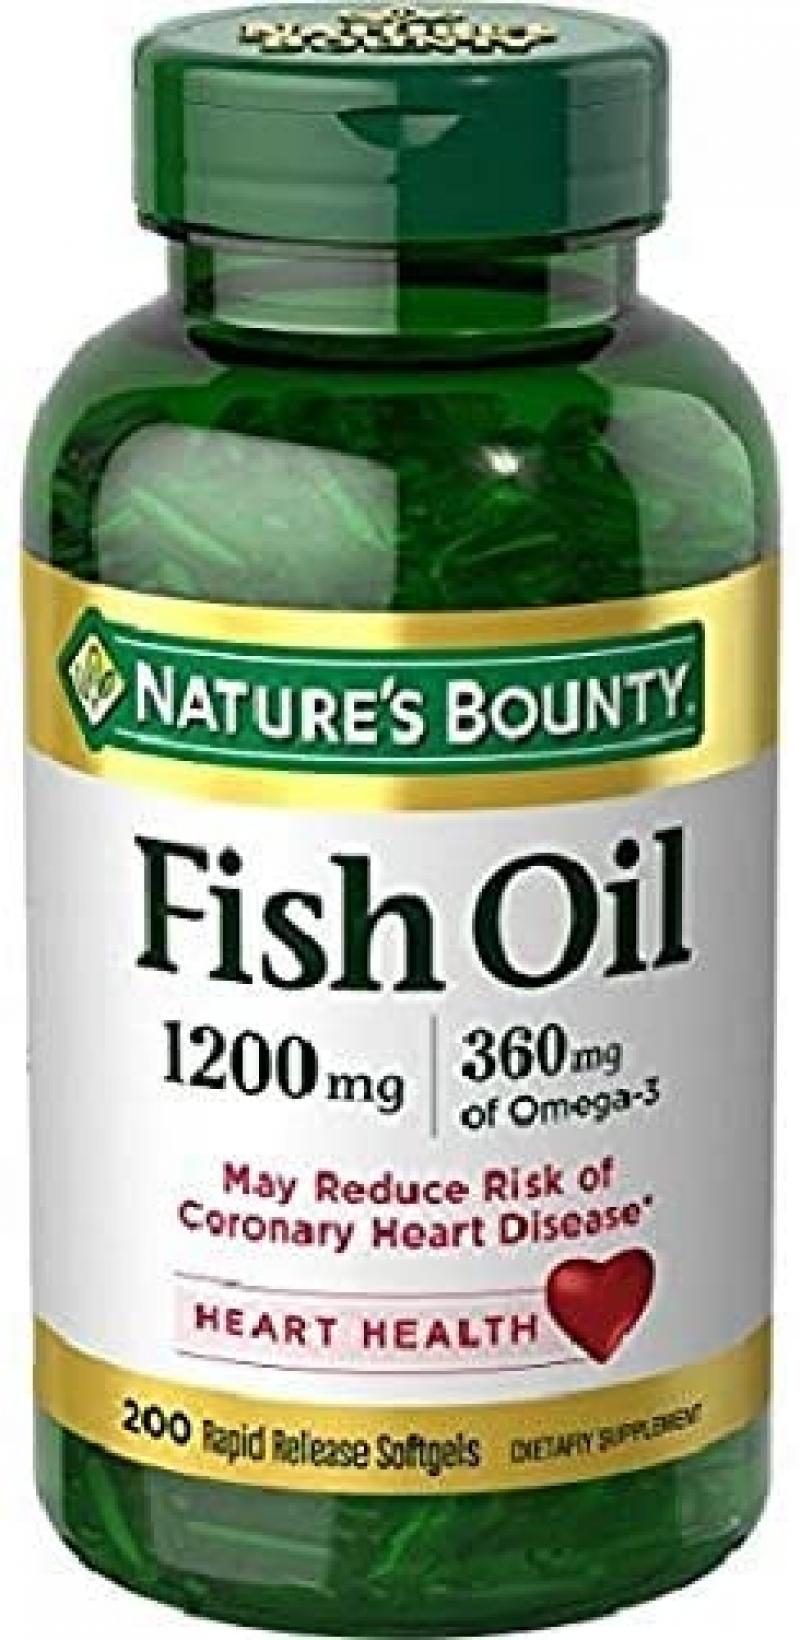 ihocon: Nature's Bounty Fish Oil, 1200 Mg, 200 Rapid Release Softgels 魚油